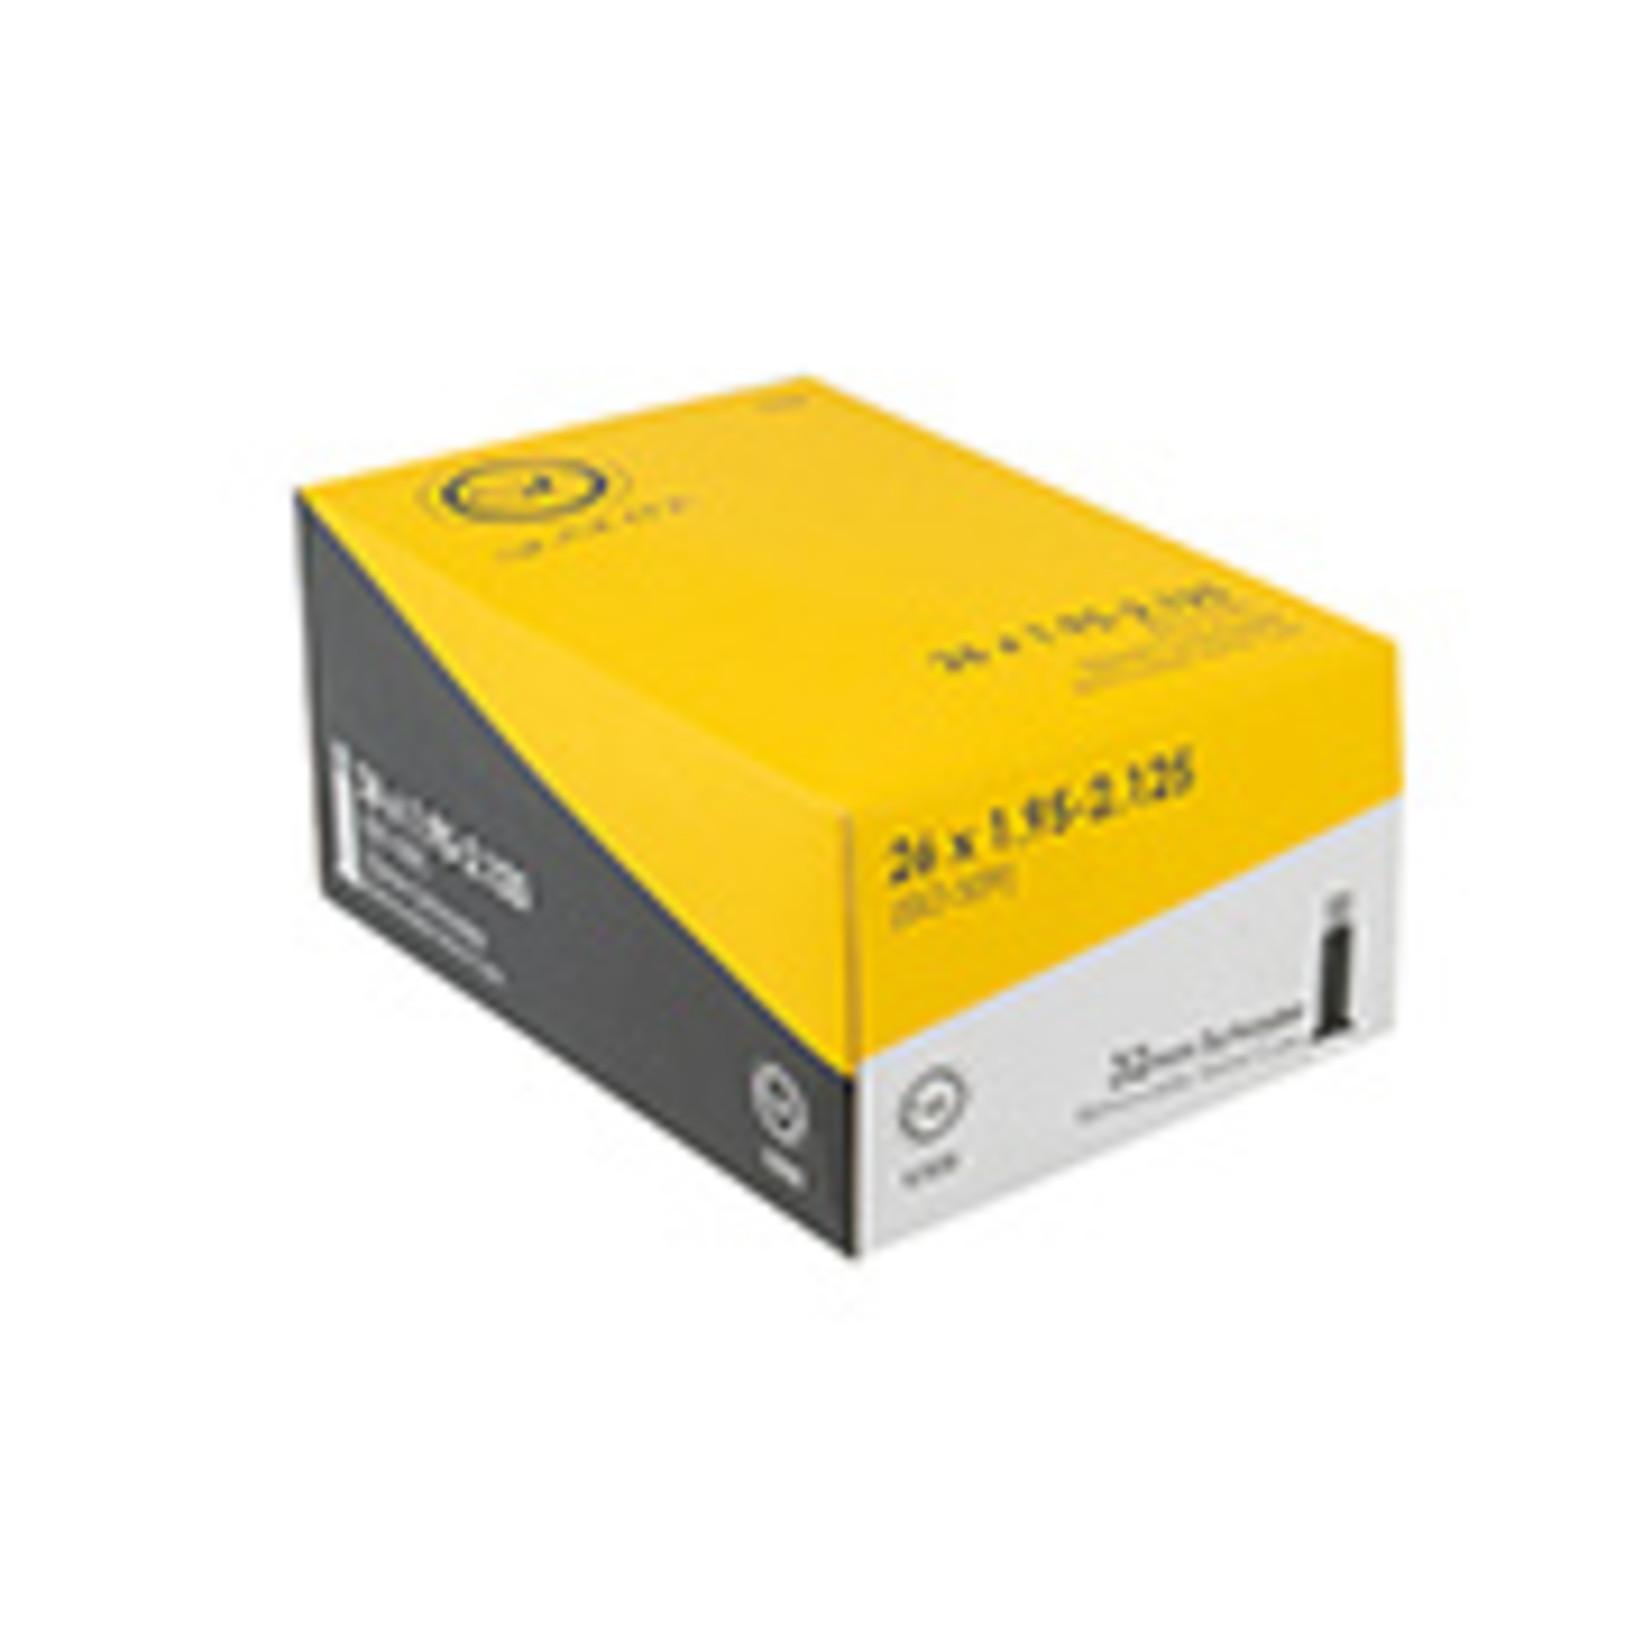 TUBES SUNLT 700x35-40 PV60/THRD/RC (27x1-3/8) FFW33mm